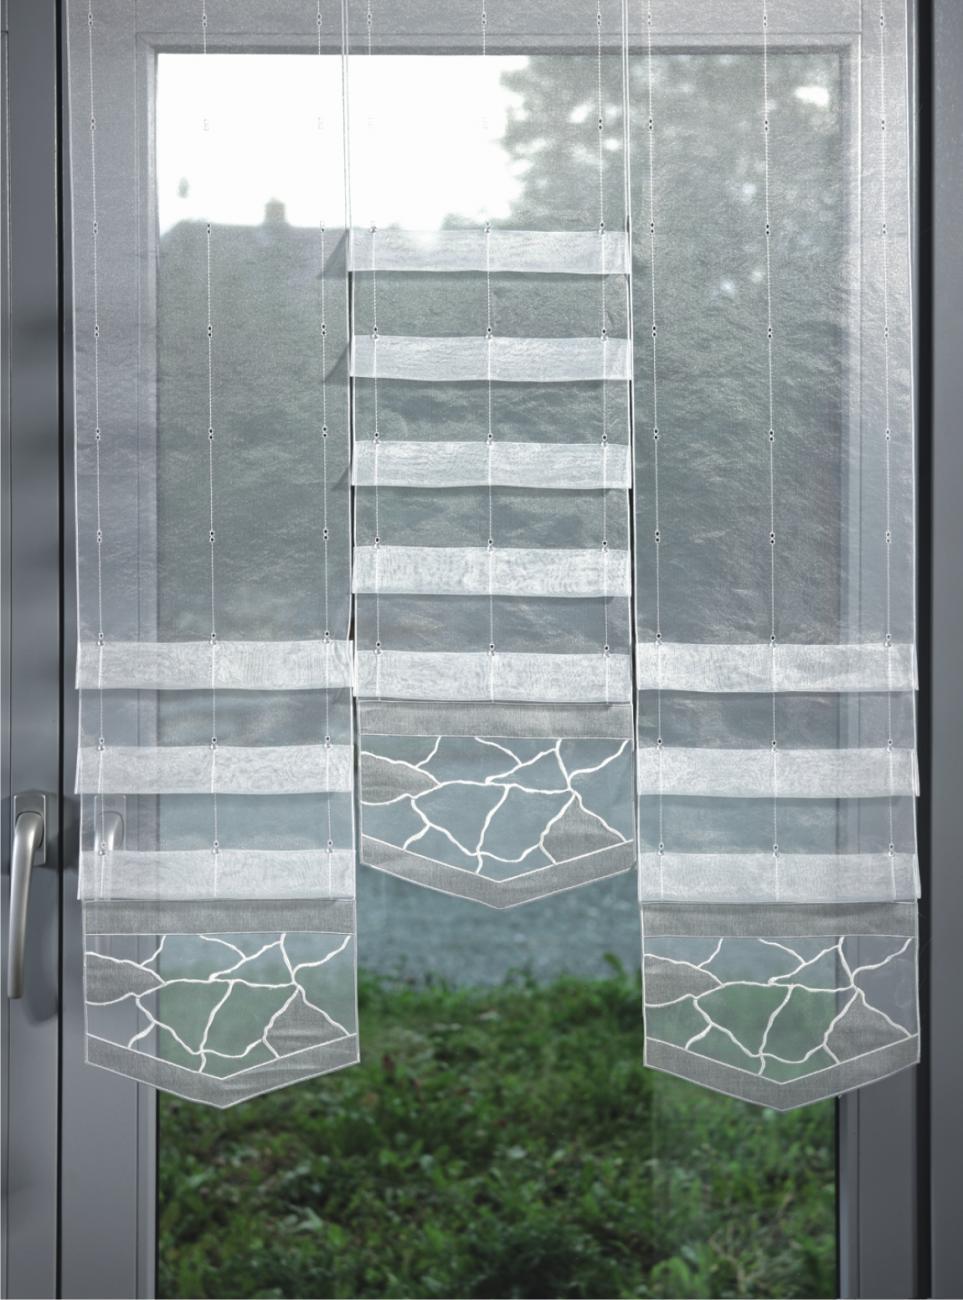 Raffrollo wohnzimmer modern  Fensterbehang / Flächenvorhang / Raffrollo Musical in 4 Farben und ...